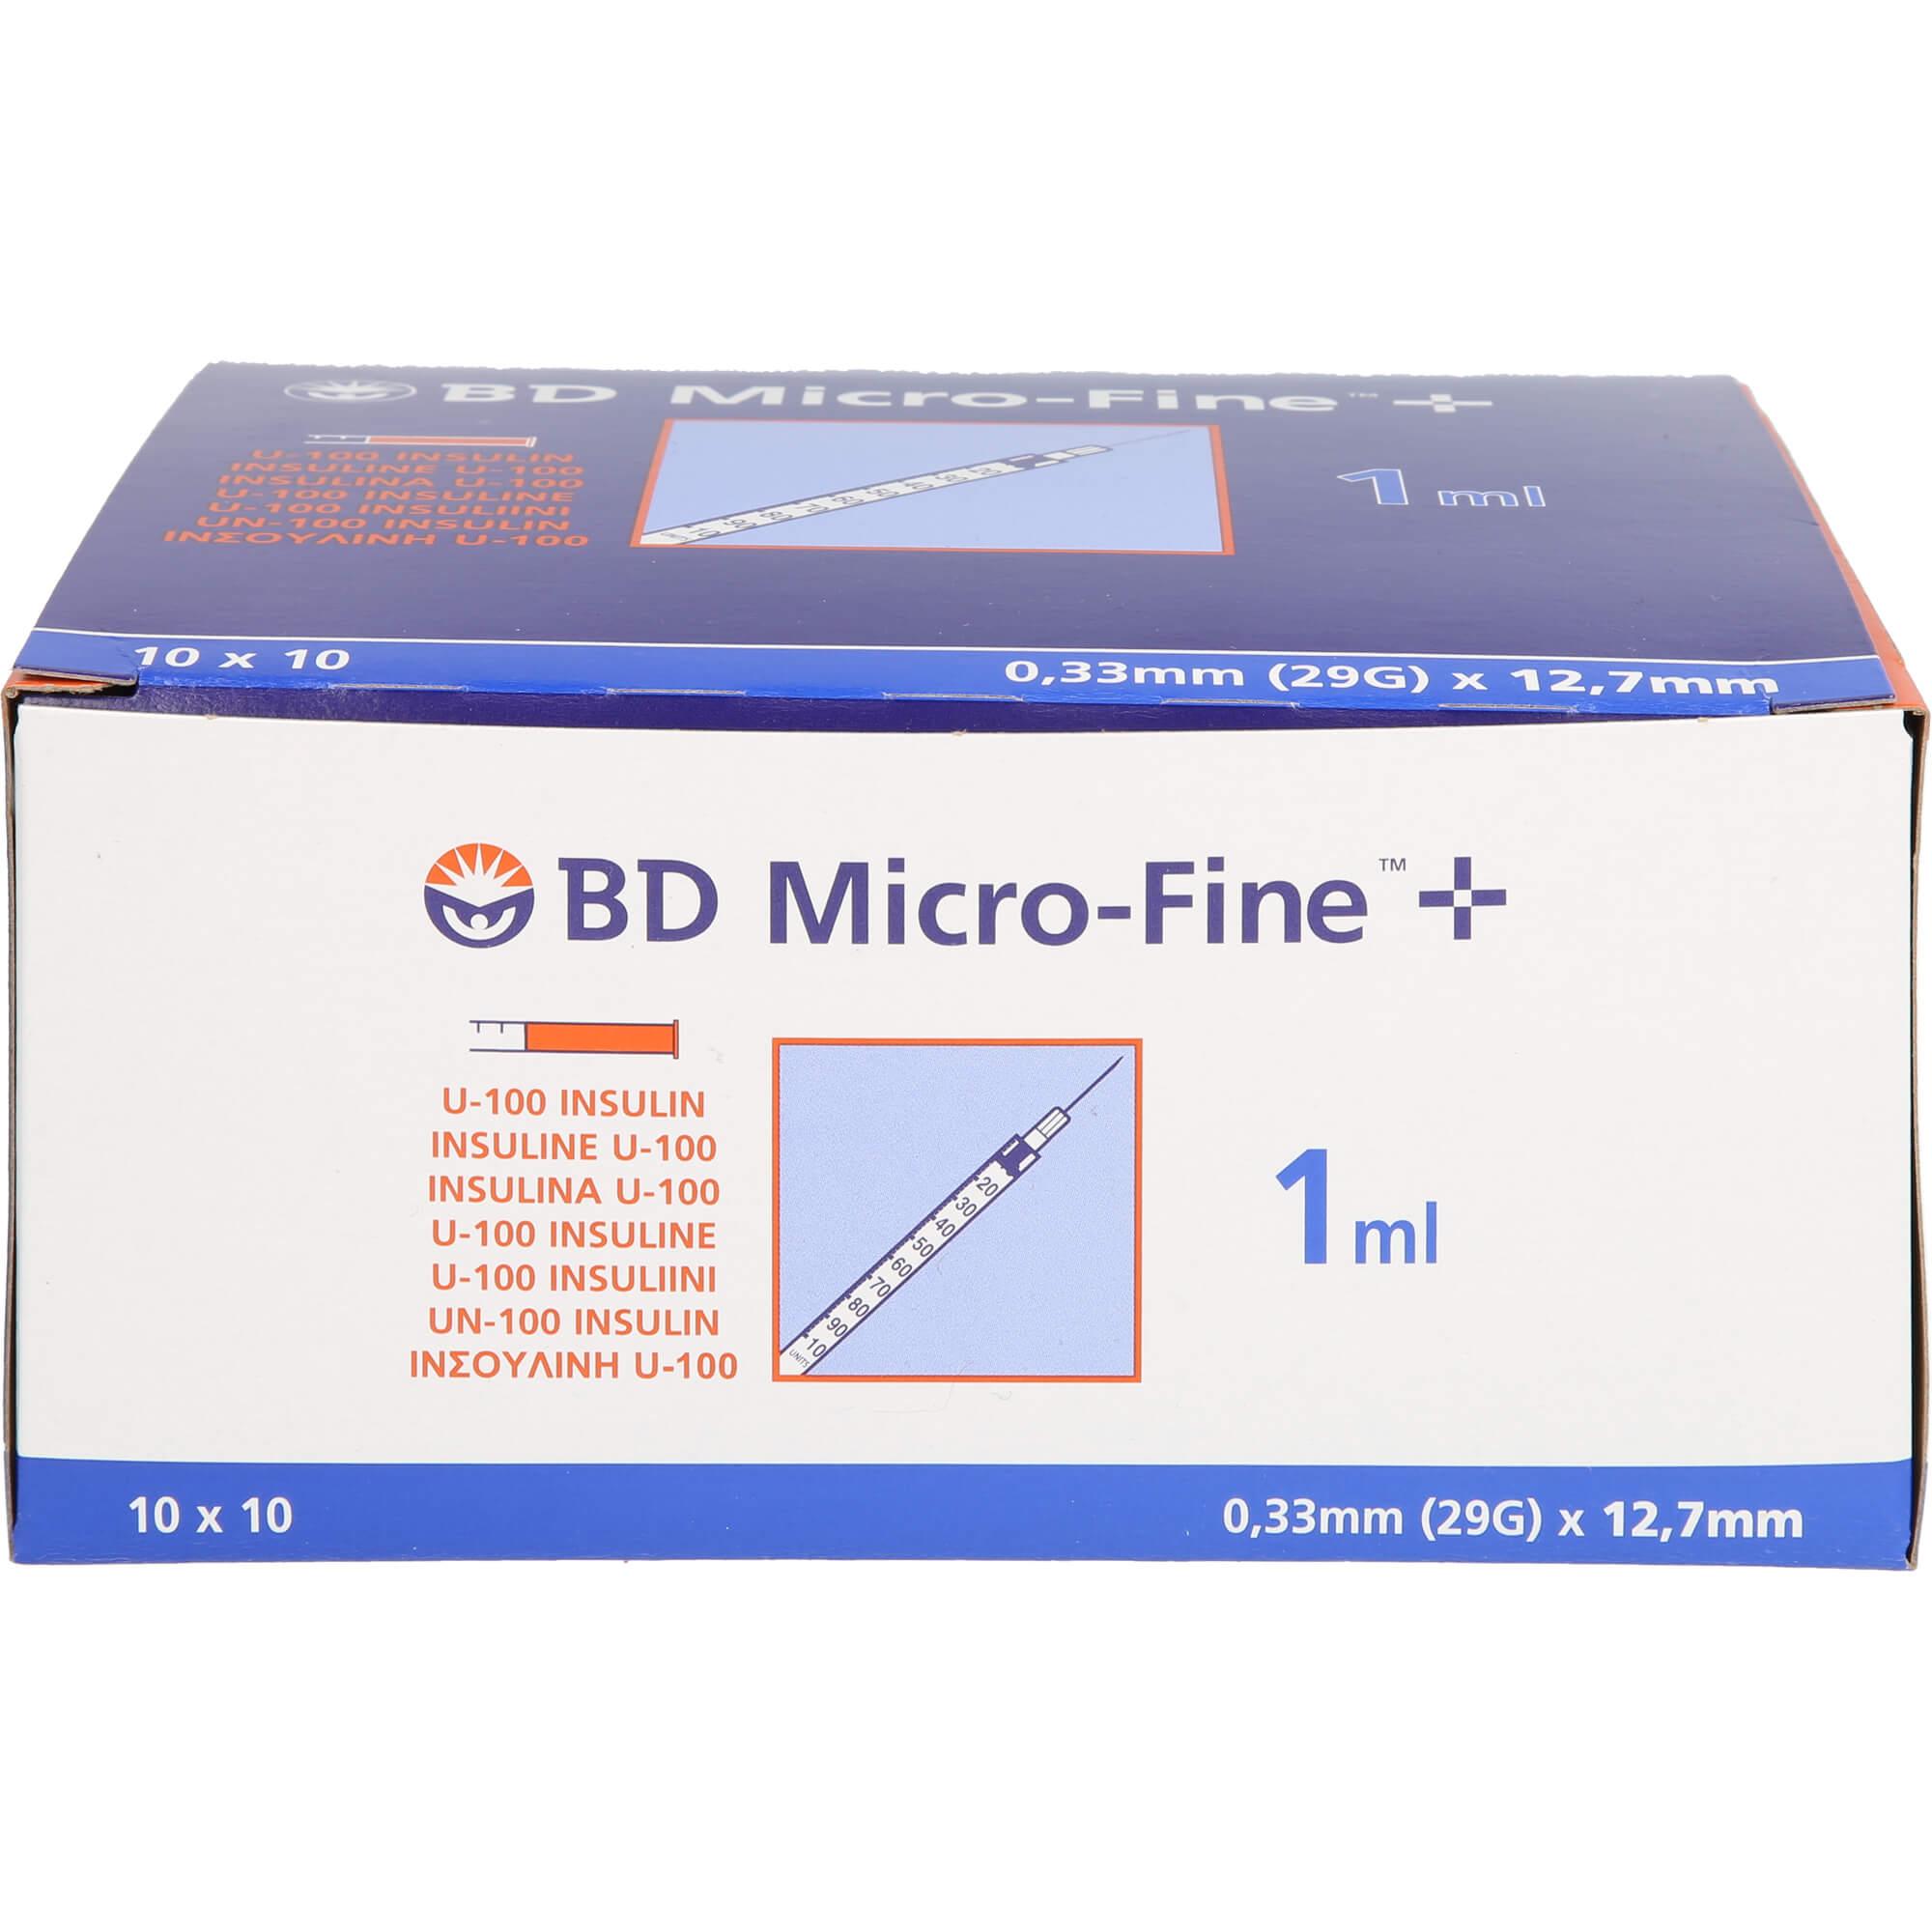 BD-MICRO-FINE-Insulinspr-1-ml-U100-12-7-mm